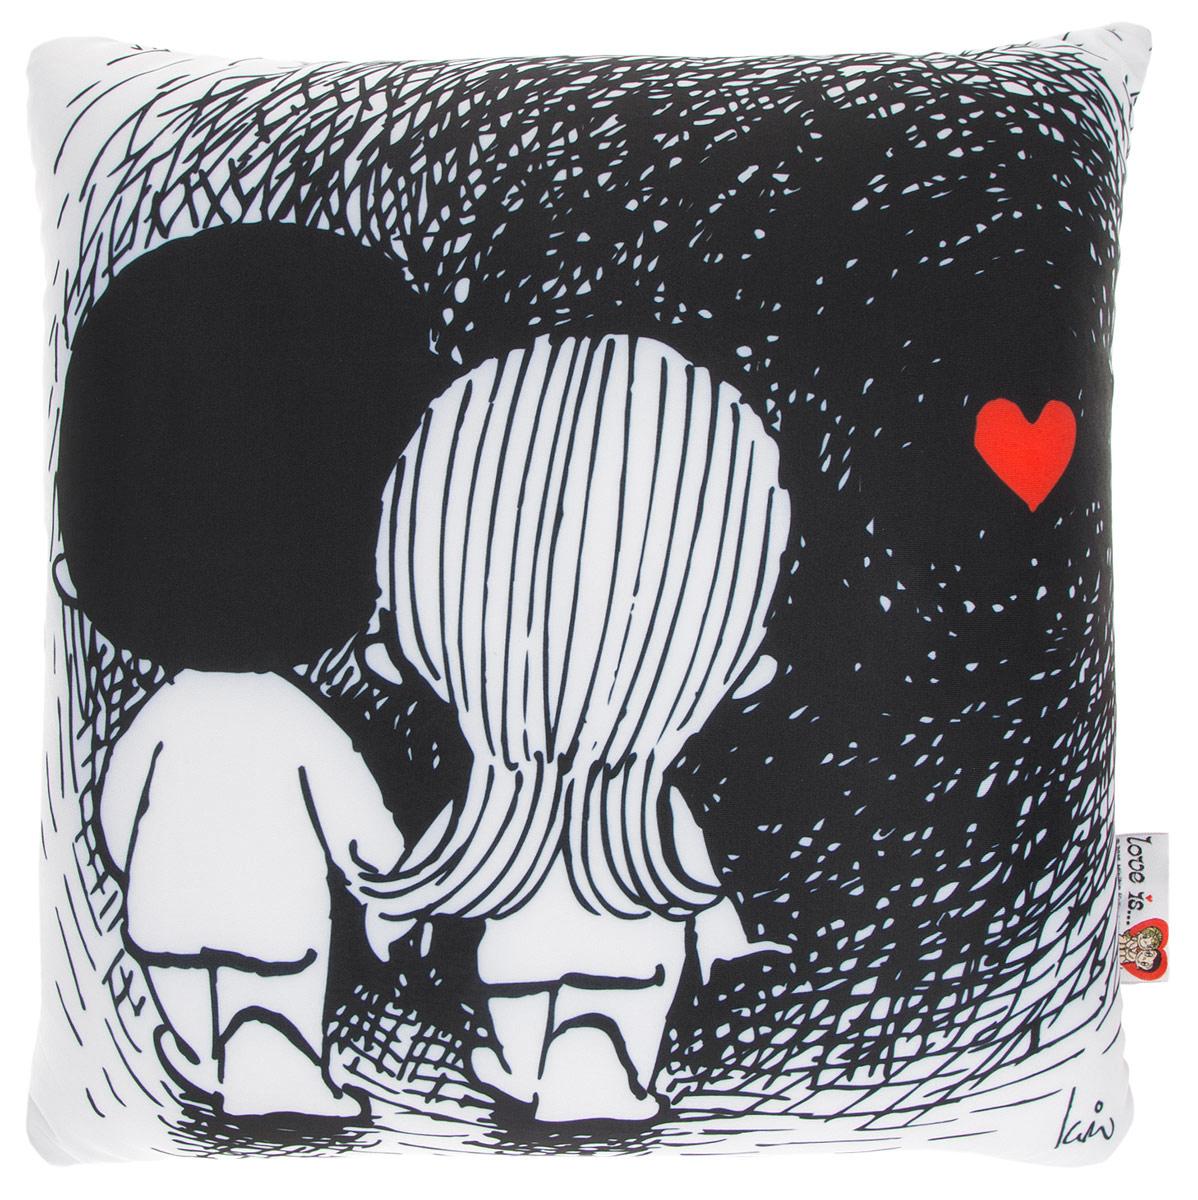 Maxi Toys Подушка Love Is цвет черный белыйMT-H091403Яркая и оригинальная подушка Maxi Toys Love Is станет отличным аксессуаром к интерьеру любой детской комнаты! Подушка украшена принтом с изображением героев комикса новозеландской художницы Ким Касали Love Is, известным у нас в стране по вкладышам одноименной жевательной резинки. Мягкую подушку можно взять с собой в путешествие - в самолете и автомобиле положить ее под голову во время отдыха, а наполнение в виде маленьких полимерных шариков будет отлично снимать стресс. Размер подушки: 32 см х 32 см х 14 см.